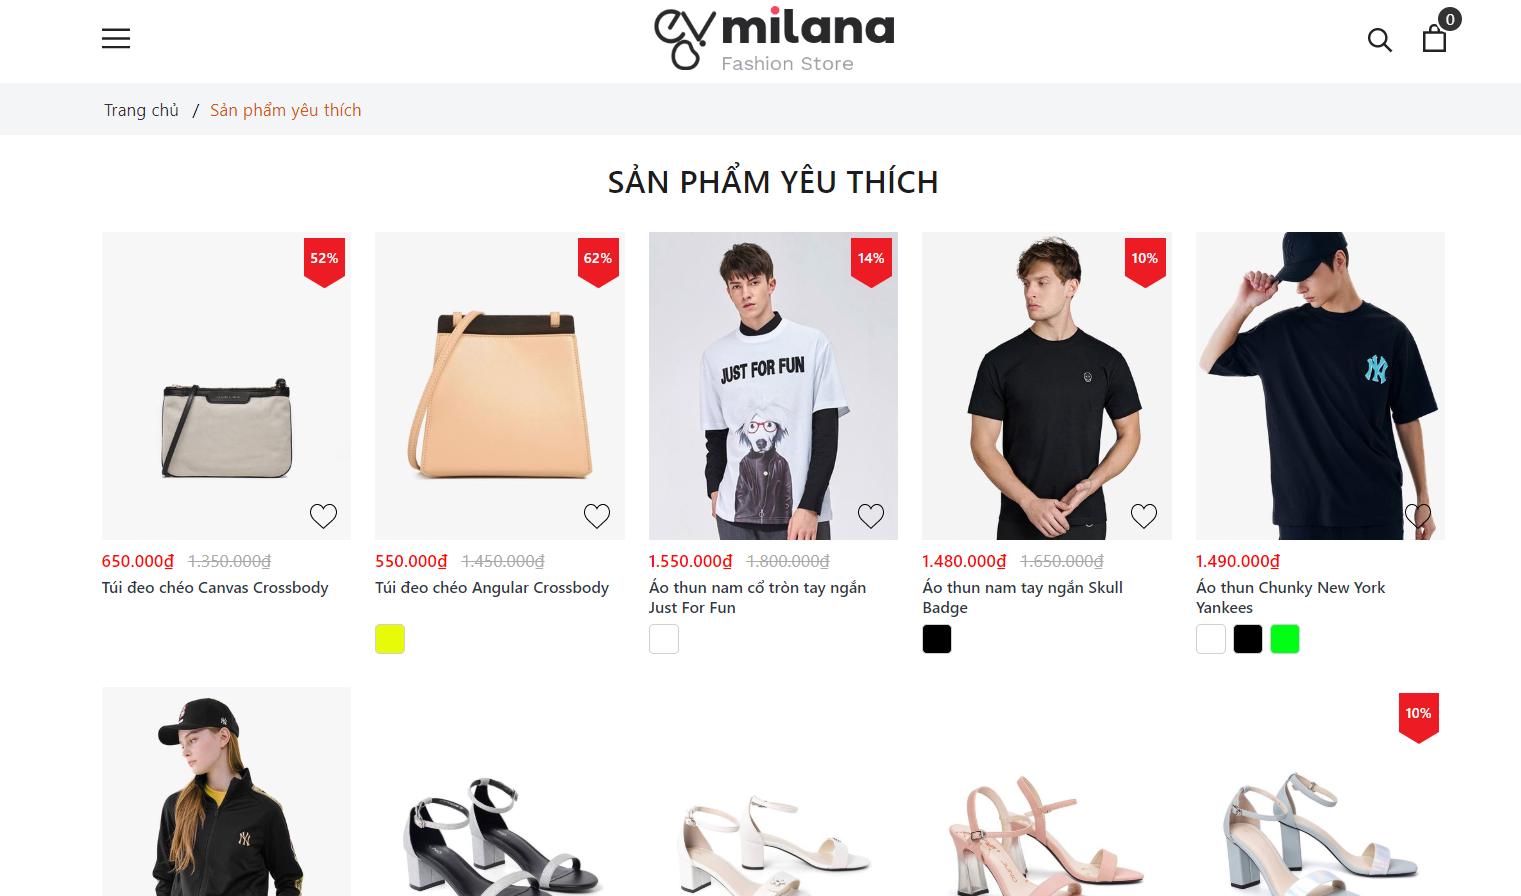 Evo Milana Sản phẩm yêu thích